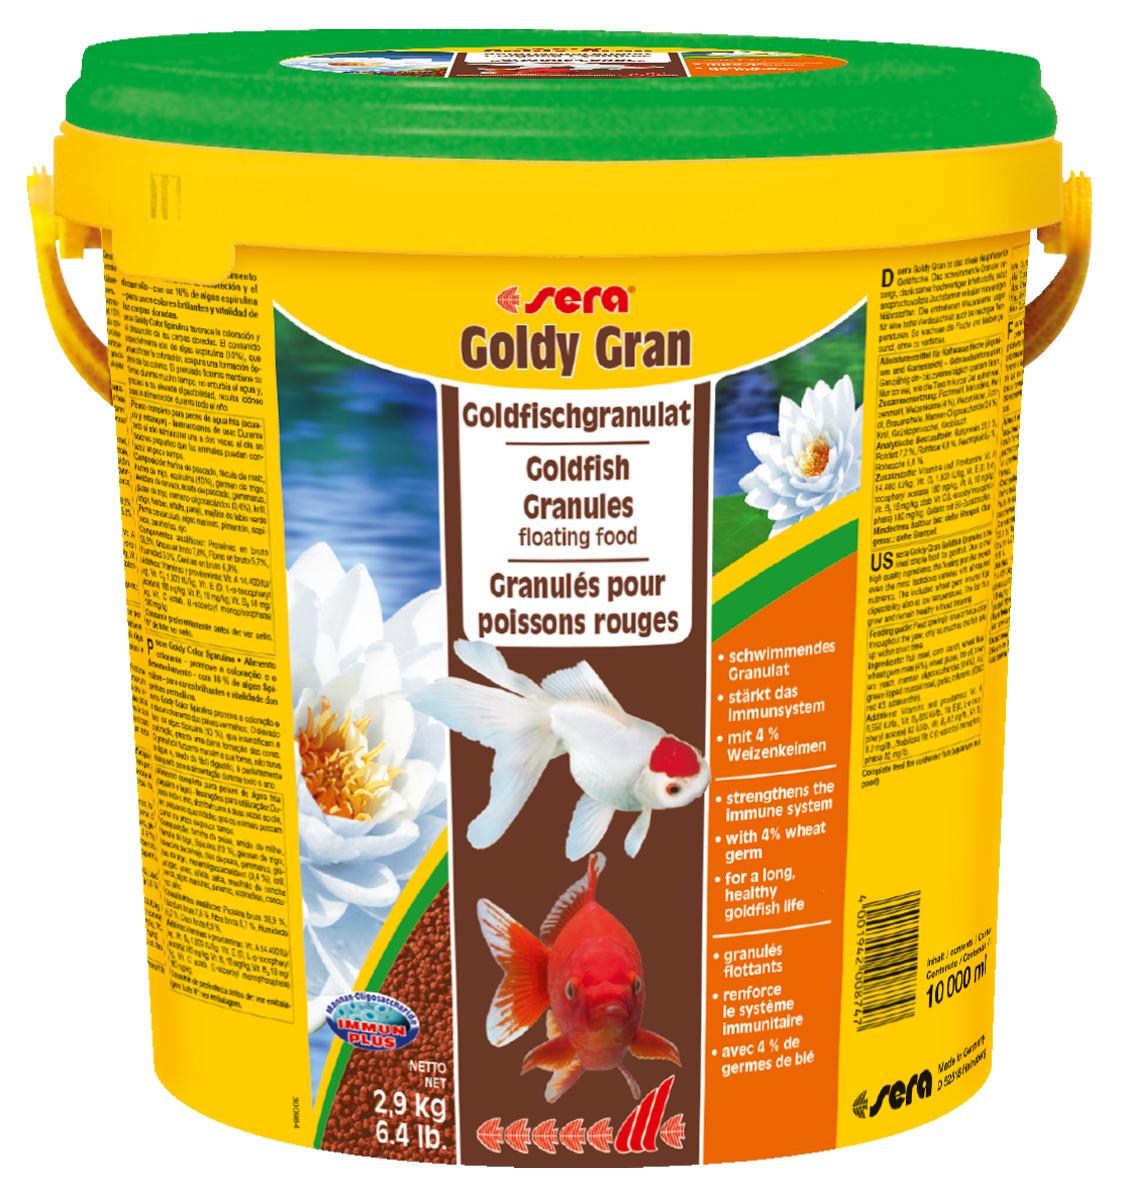 Корм для рыб Sera Goldy Gran, 10 л (2,9 кг)0874Корм для рыб Sera Goldy Gran - комплексный корм для холодноводных рыб (аквариумных и прудовых), идеальный основной корм для золотых рыбок. Плавающие гранулы корма, благодаря высококачественным ингредиентам, обеспечивают всеми необходимыми питательными веществами даже самые привередливые виды рыб. Входящие в состав корма зародыши пшеницы гарантируют высокую усвояемость корма, в том числе при низких температурах. Рыбы, таким образом, растут и остаются здоровыми без перекармливания. Результатом кормления этим кормом будут яркие цвета, здоровый рост, крепкая иммунная система, плодовитость и жизнеспособность рыб. Инструкция по применению: Кормите небольшими порциями один-два раза в день, в течение всего года. Дозируйте такое количество корма, которое рыбы могут съесть в течение короткого периода времени. Ингредиенты: рыбная мука, кукурузный крахмал, пшеничная мука, пшеничные зародыши (4%), пшеничная клейковина, рыбий жир, пивные дрожжи, маннанолигосахариды (0,4%), криль, зеленые мидии, чеснок. Аналитический состав: протеин 33,0%, жиры 7,2%, клетчатка 4,8%, влажность 5,4%, зольные вещества 5,8%.Витамины и провитамины: витамин А 14.400 МЕ/кг, витамин D31.800 МЕ/кг, витамин Е (D, L-a-tocopheryl acetate) 180 мг/кг, витамин В1 18 мг/кг, витамин В2 18 мг/кг, витамин С (L-ascorbyl monophosphate) 180 мг/кг. Содержит пищевые красители, допустимые в ЕС. Товар сертифицирован.